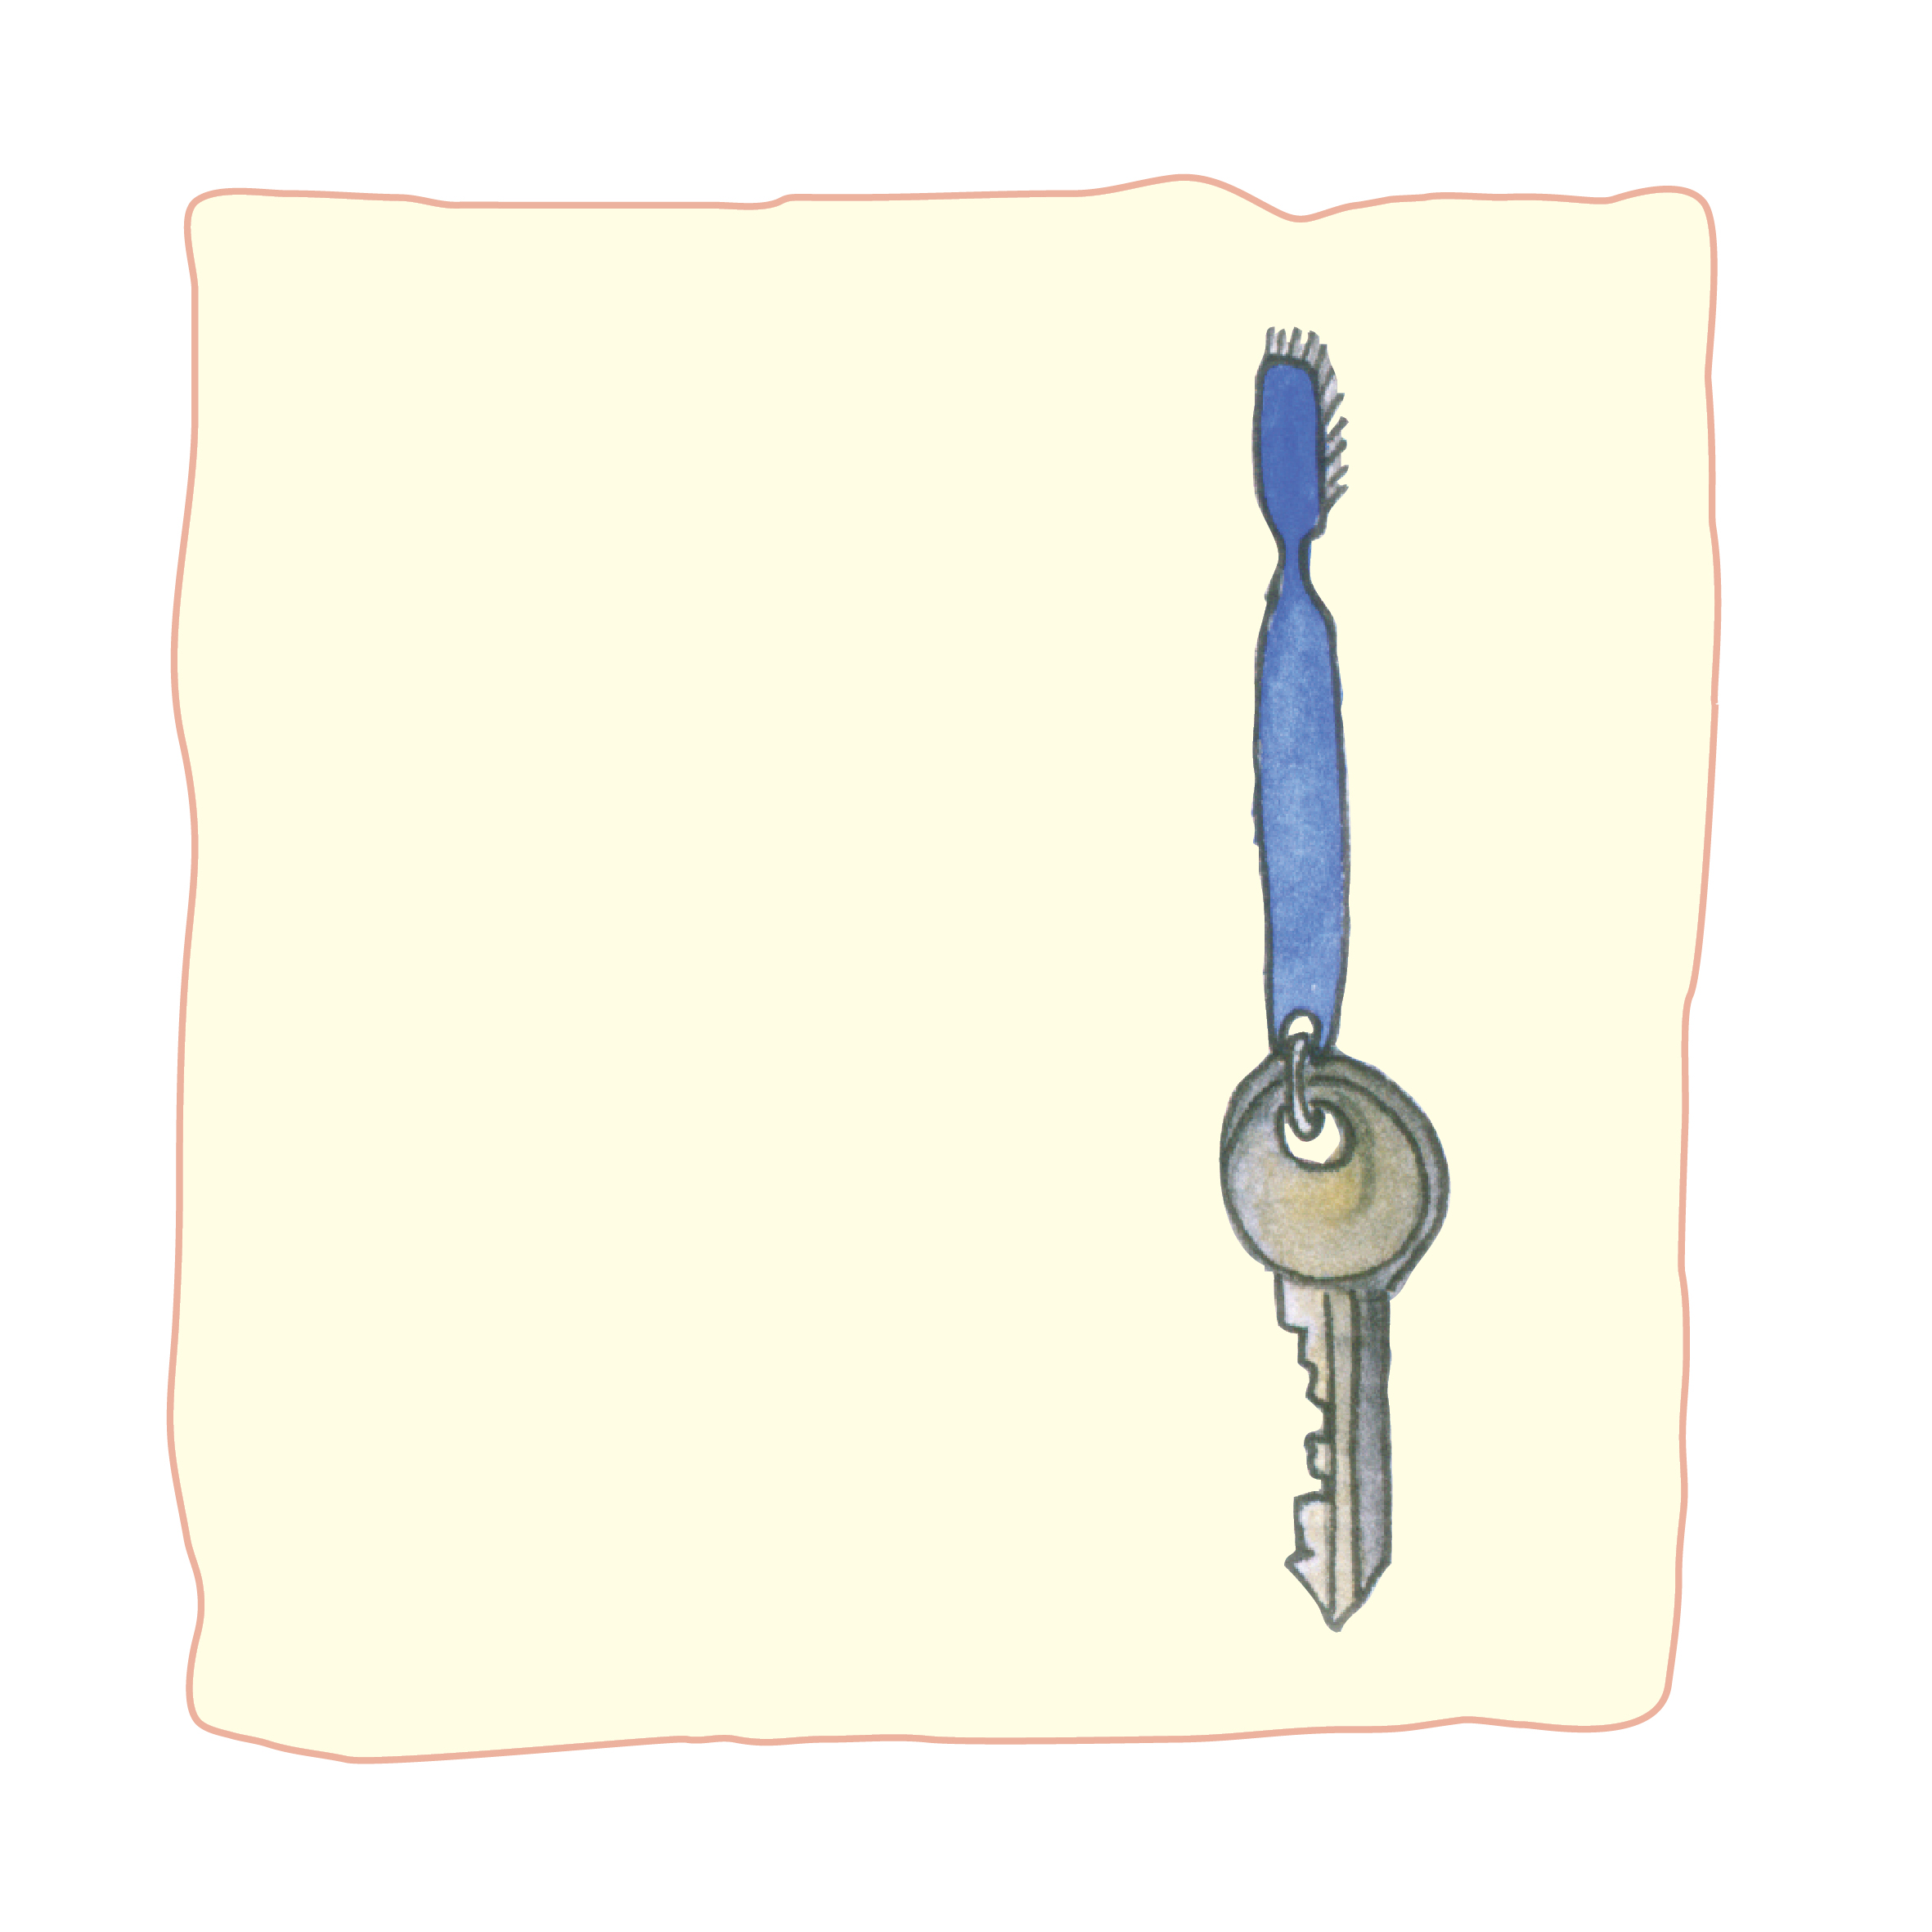 אפשר להכין מחזיק מפתחות להיט או אפילו תכשיט. איירה: טלי ניב-דולינסקי